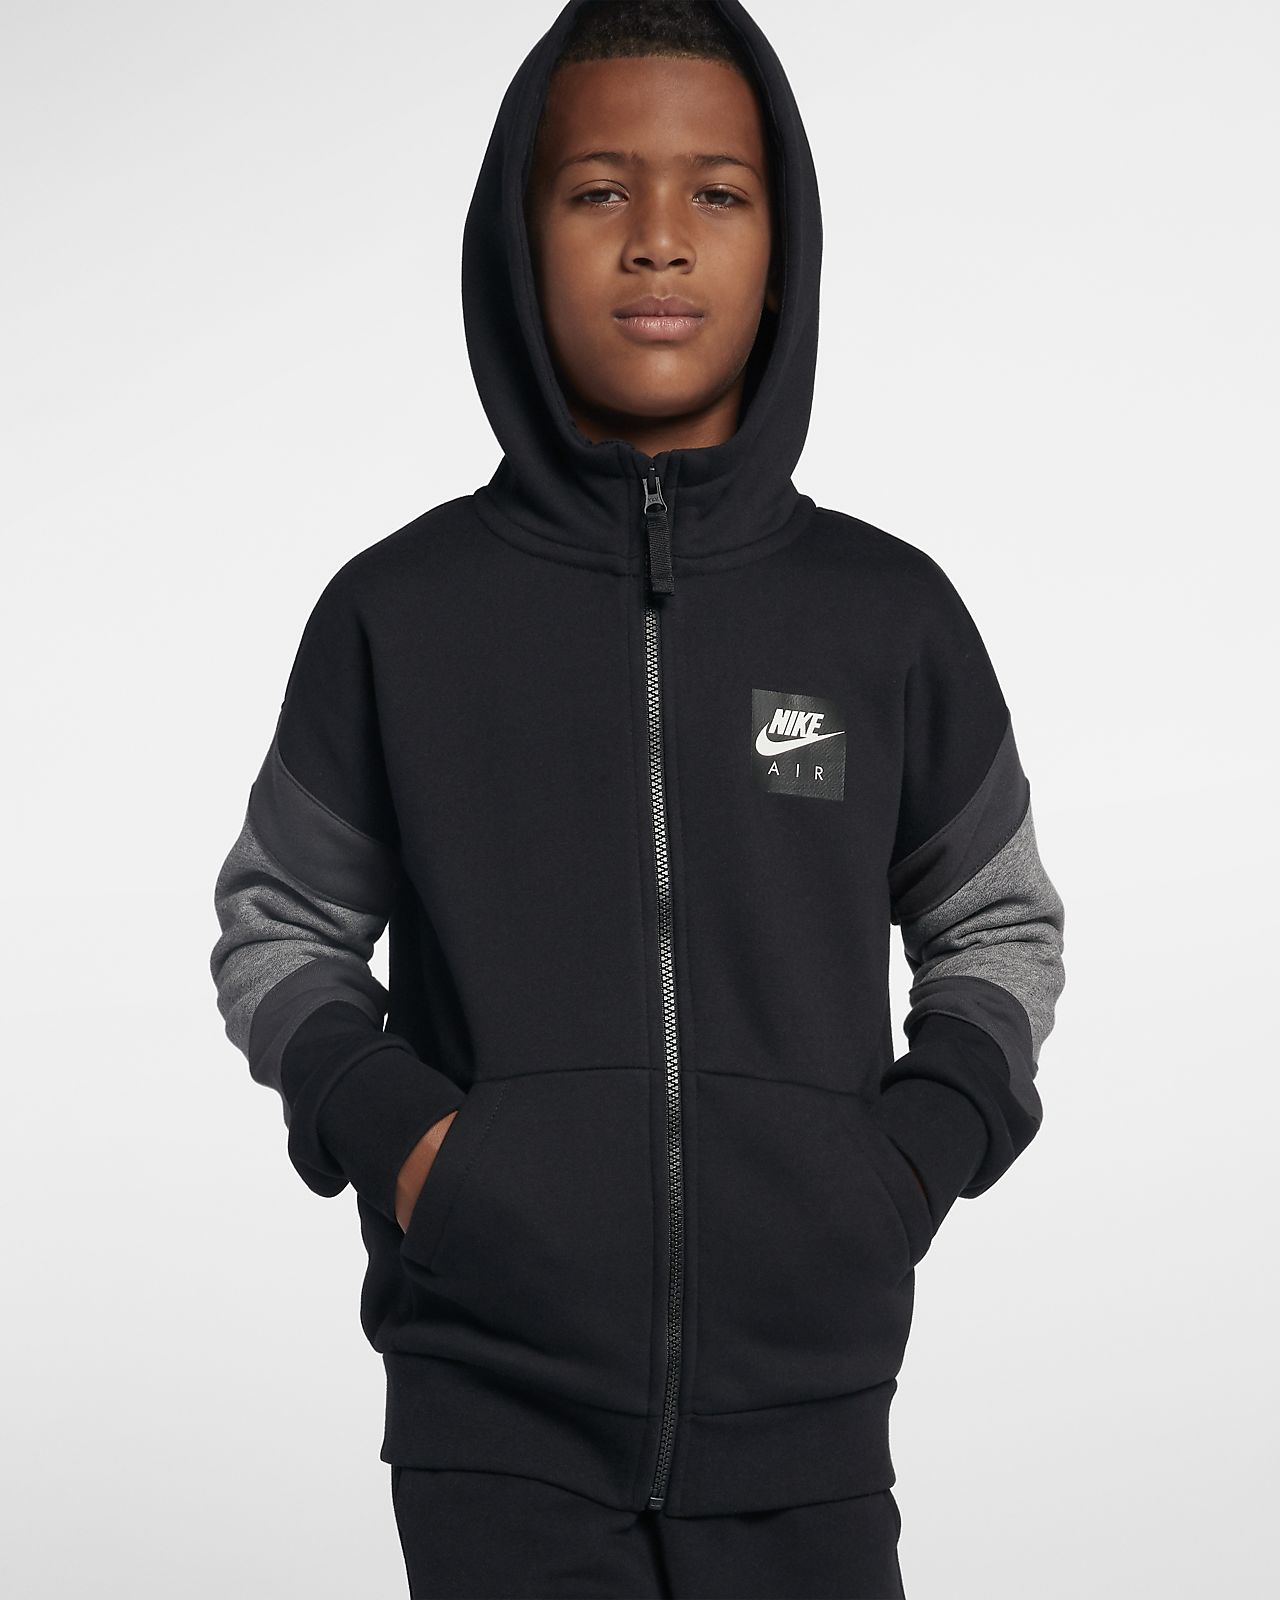 Nike Air Big Kids' (Boys') Full-Zip Hoodie